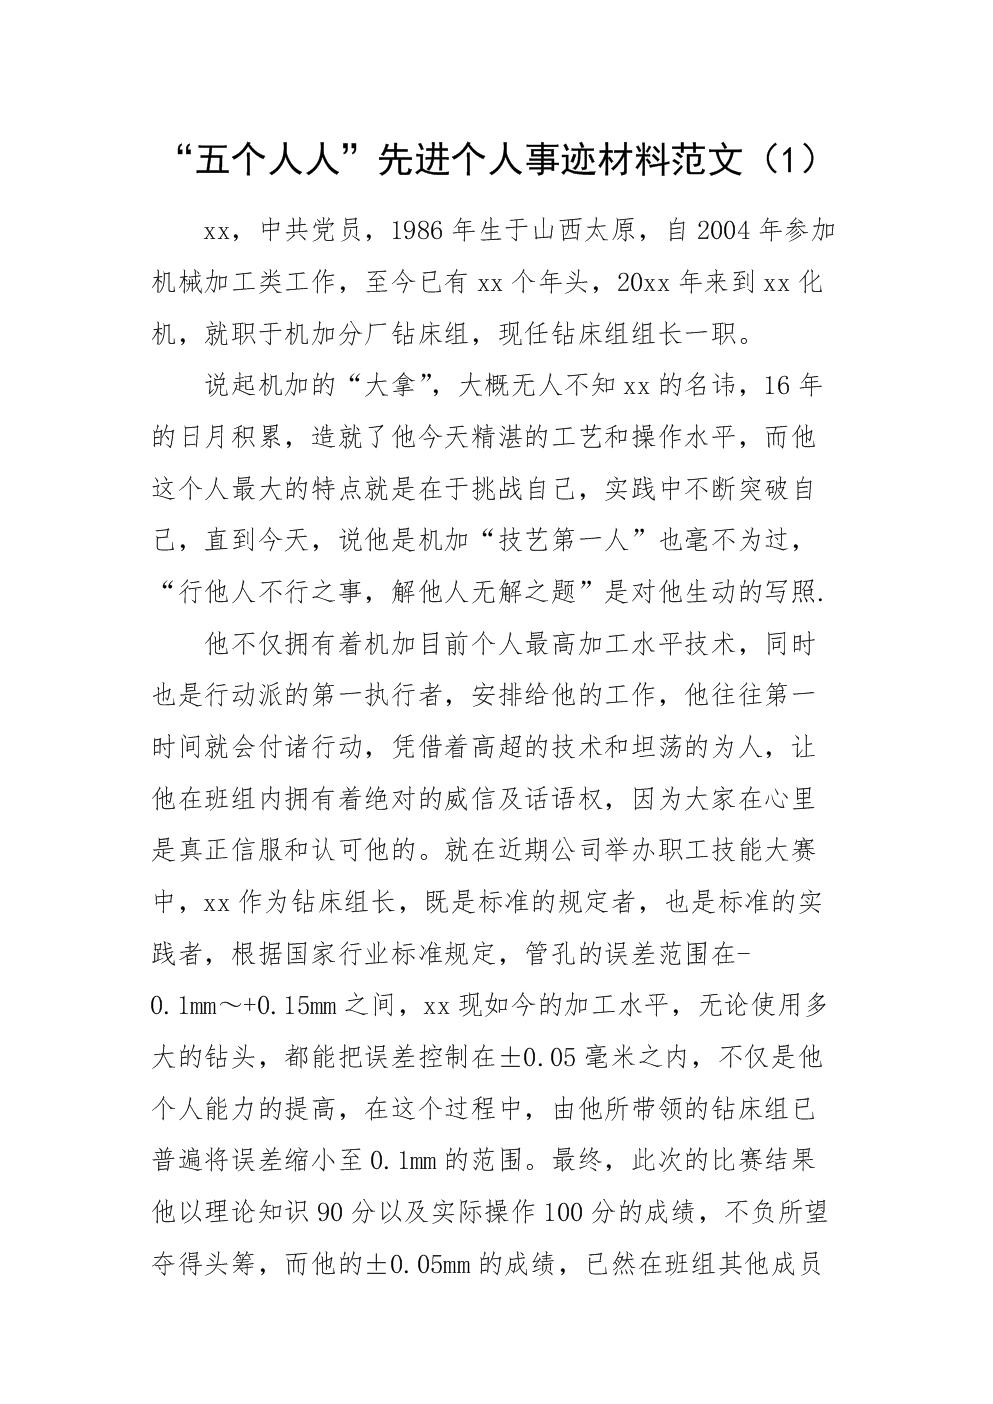 """""""五个人人""""先进个人事迹材料范文(3篇).docx"""